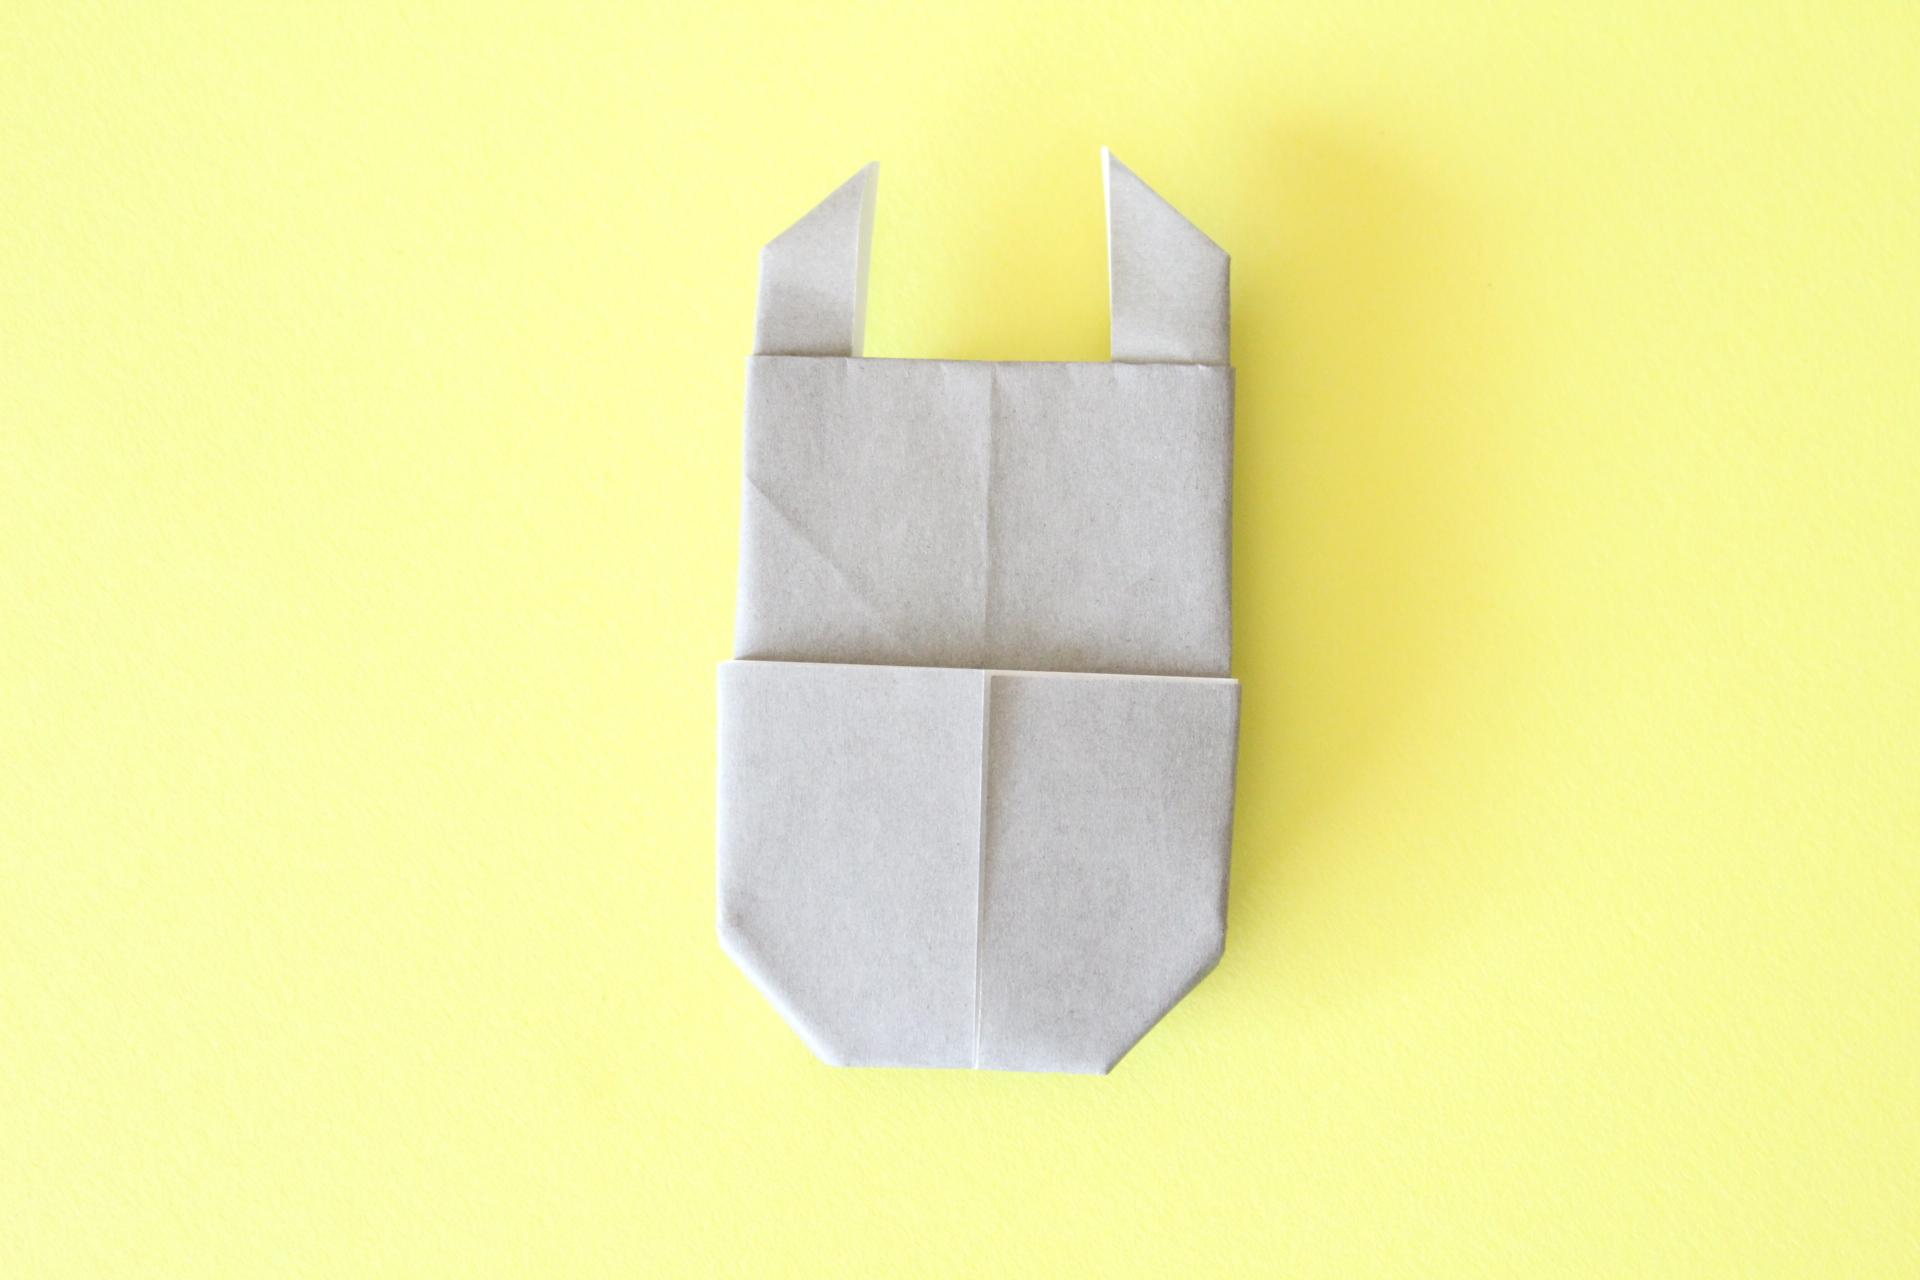 折り紙でクワガタの折り方